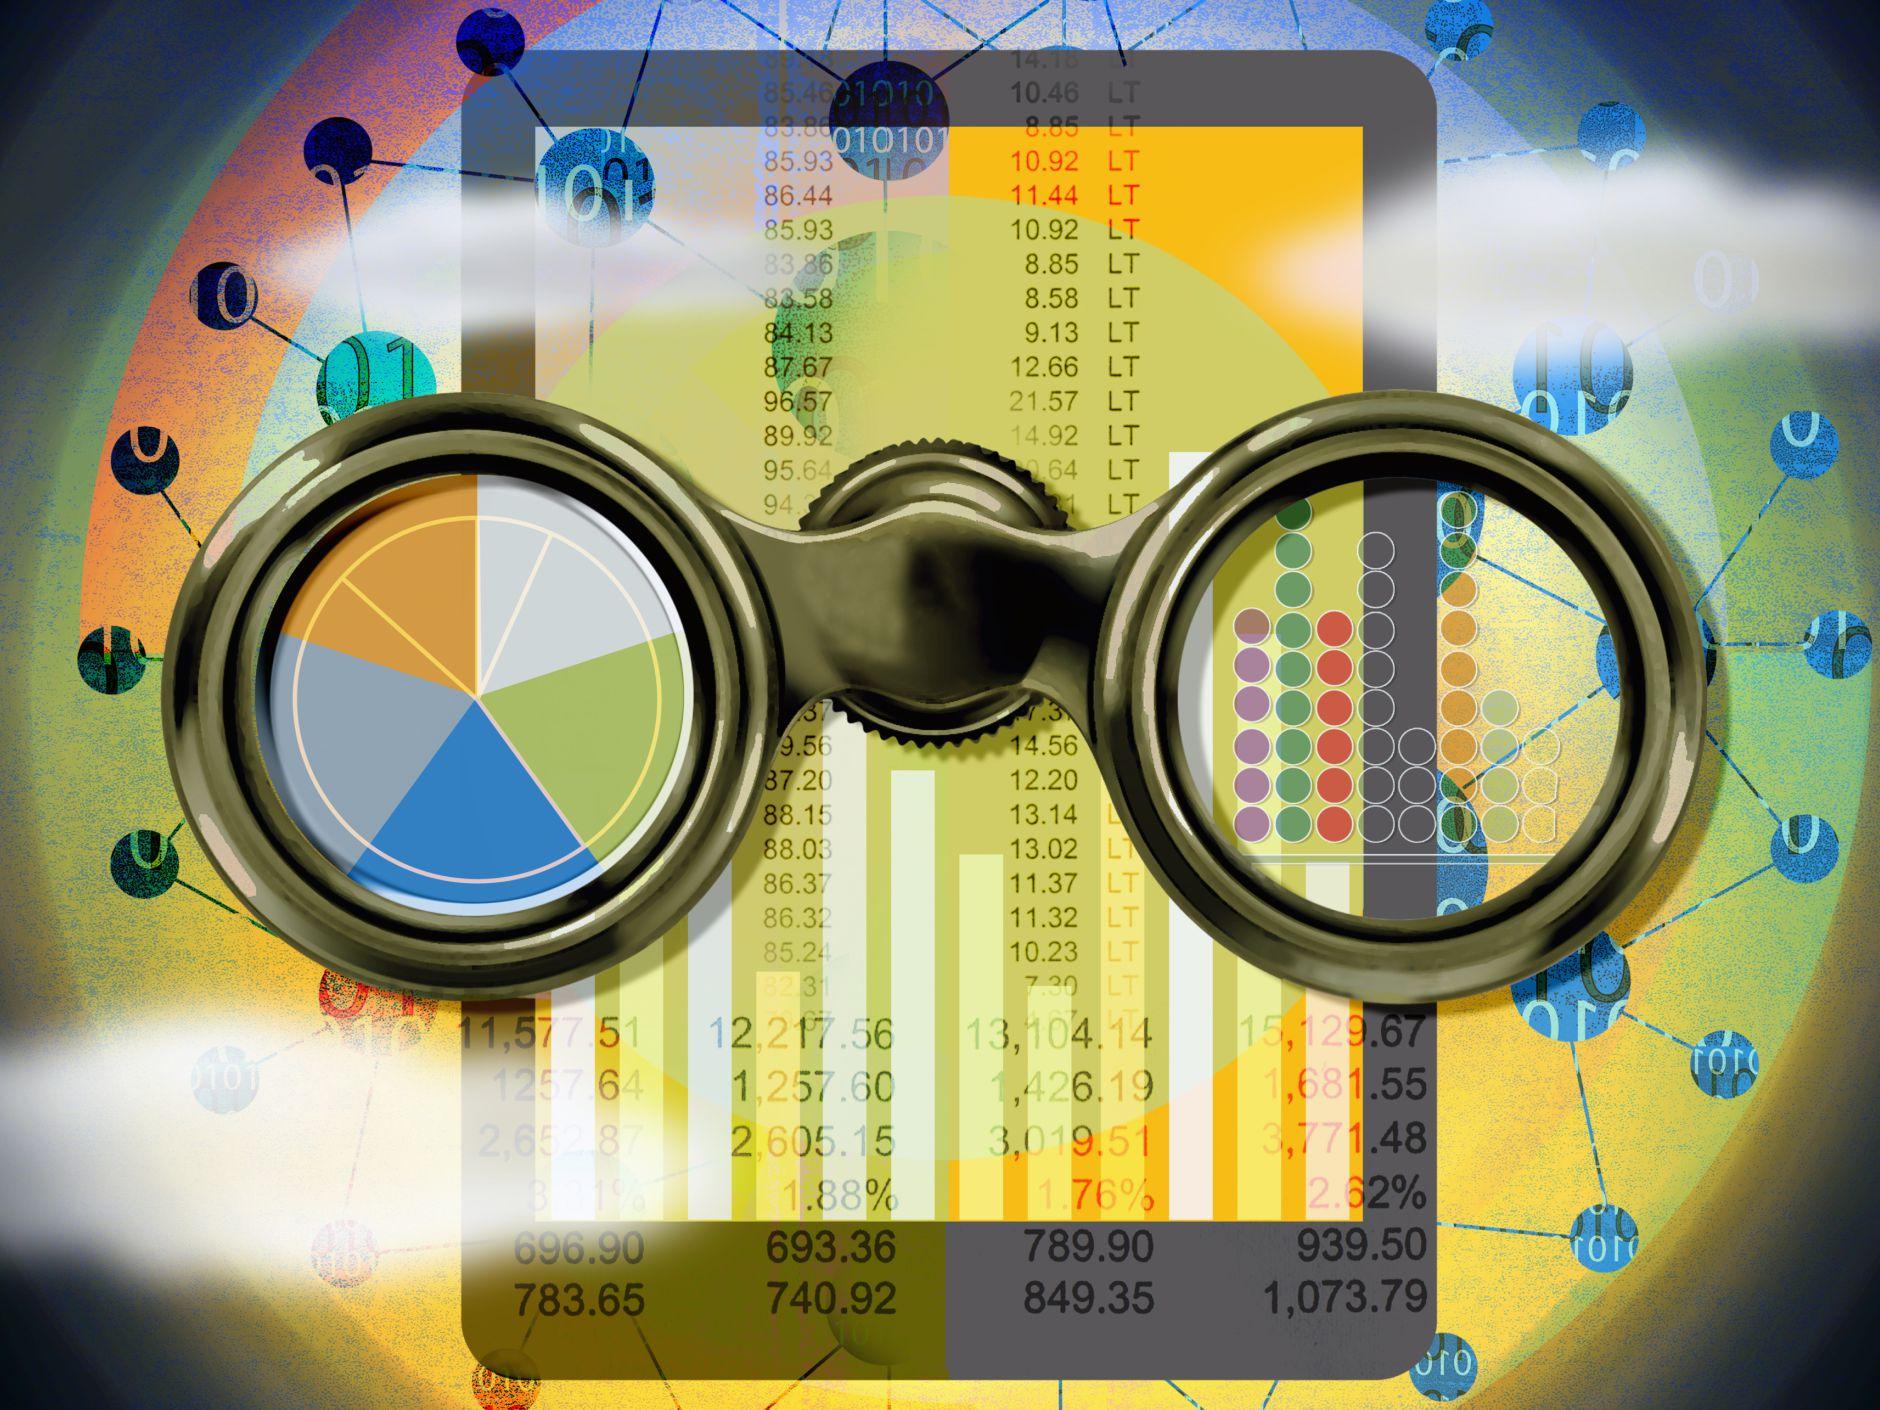 Chuyển động quỹ đầu tư tuần 16-22/9: Thỏa thuận lớn tại MBB, AIMS Asset rút vốn NT2 trước kỳ đảo danh mục ETF